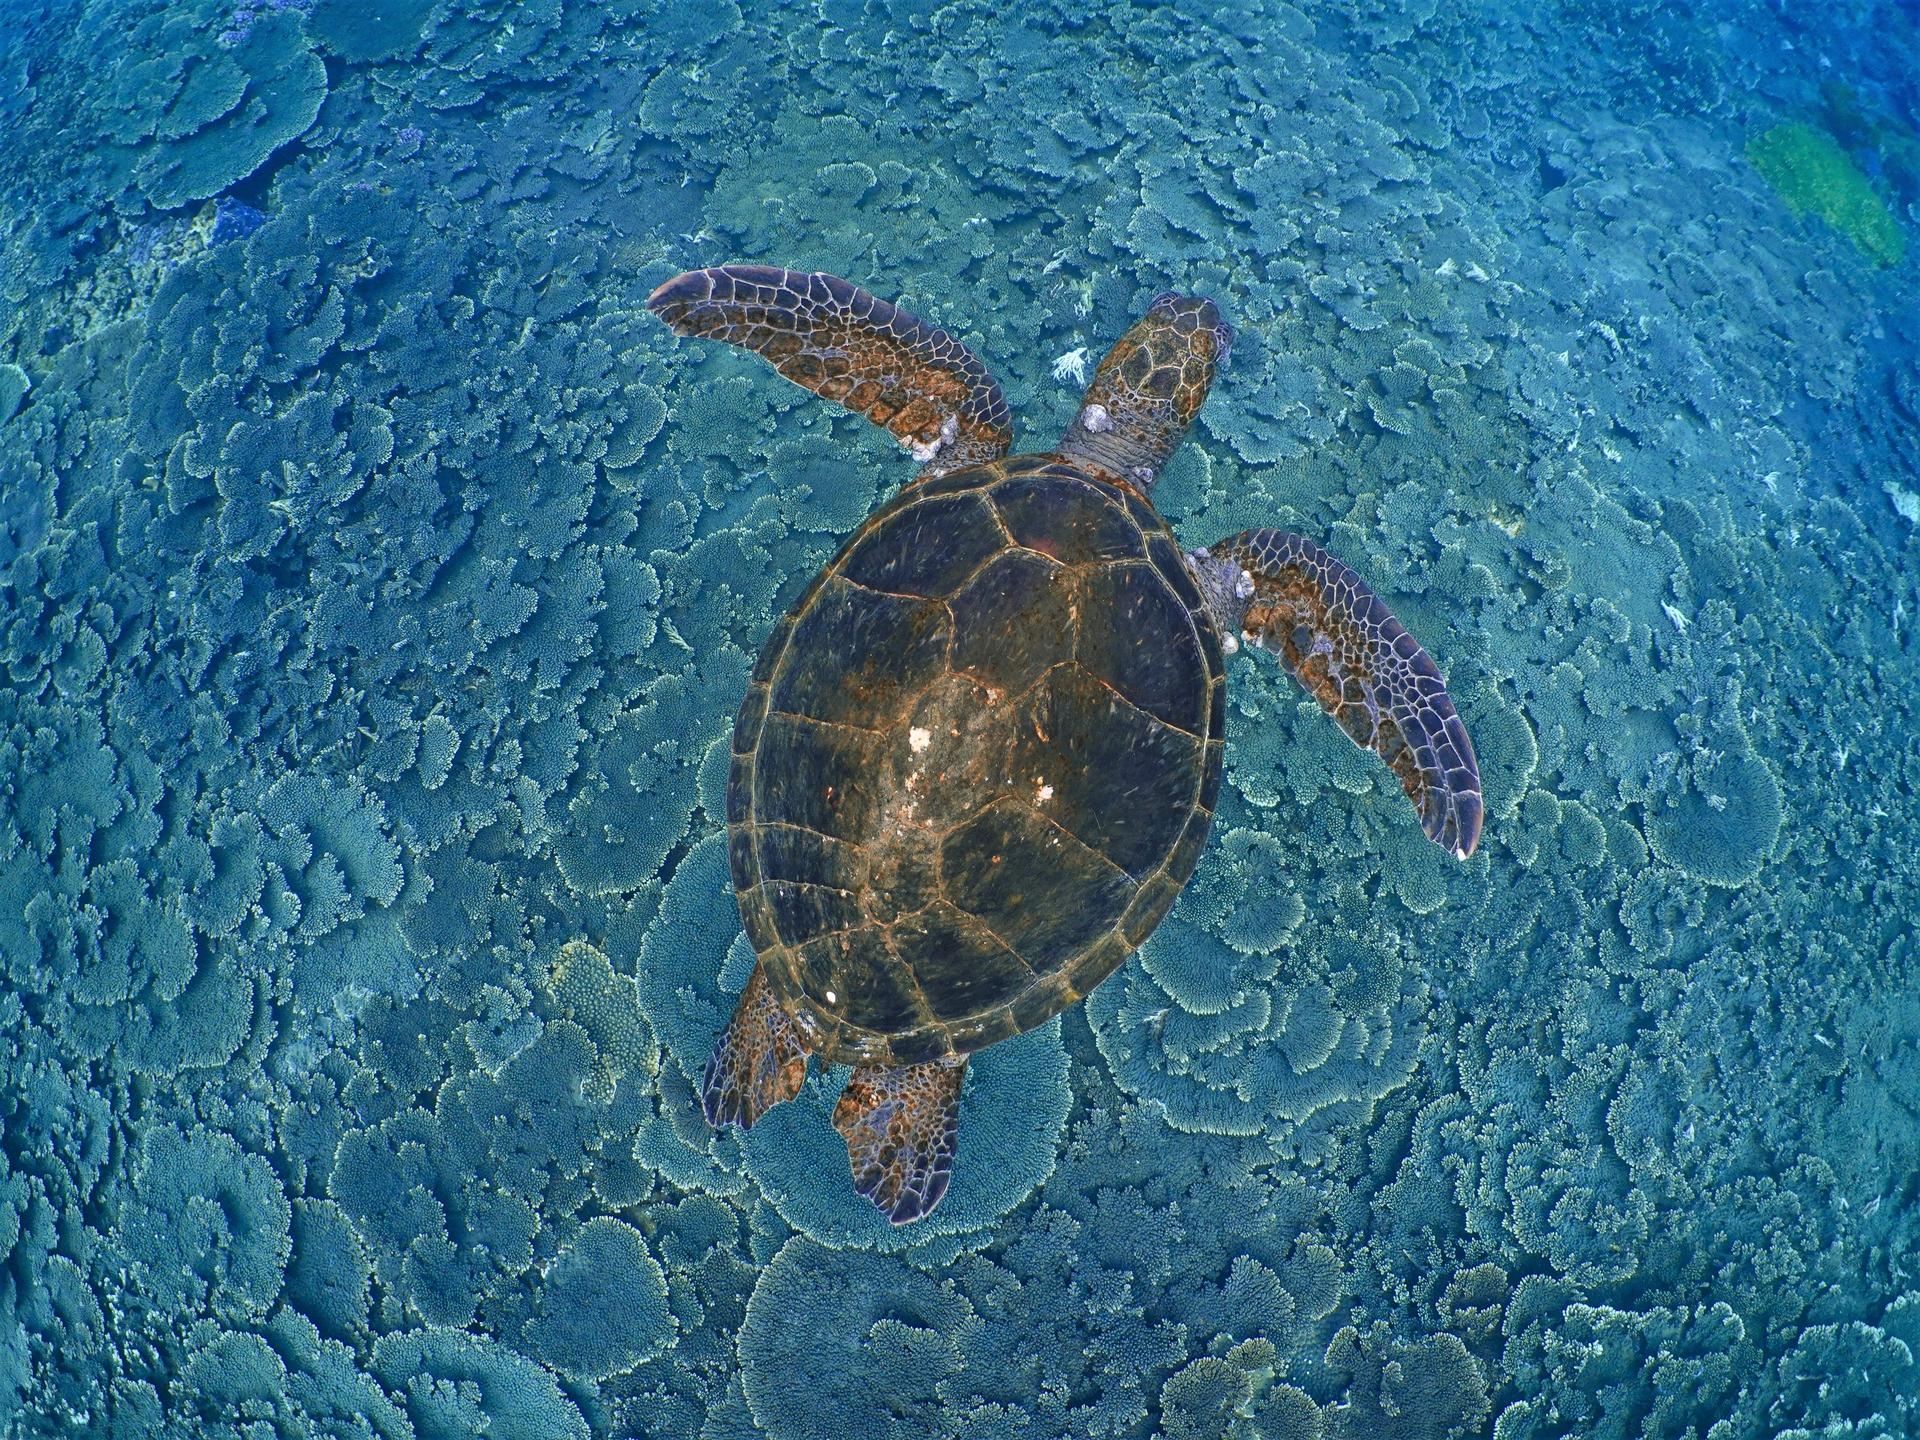 八丈島一隻身上長腫瘤的青年綠蠵龜 。攝影:蘇淮